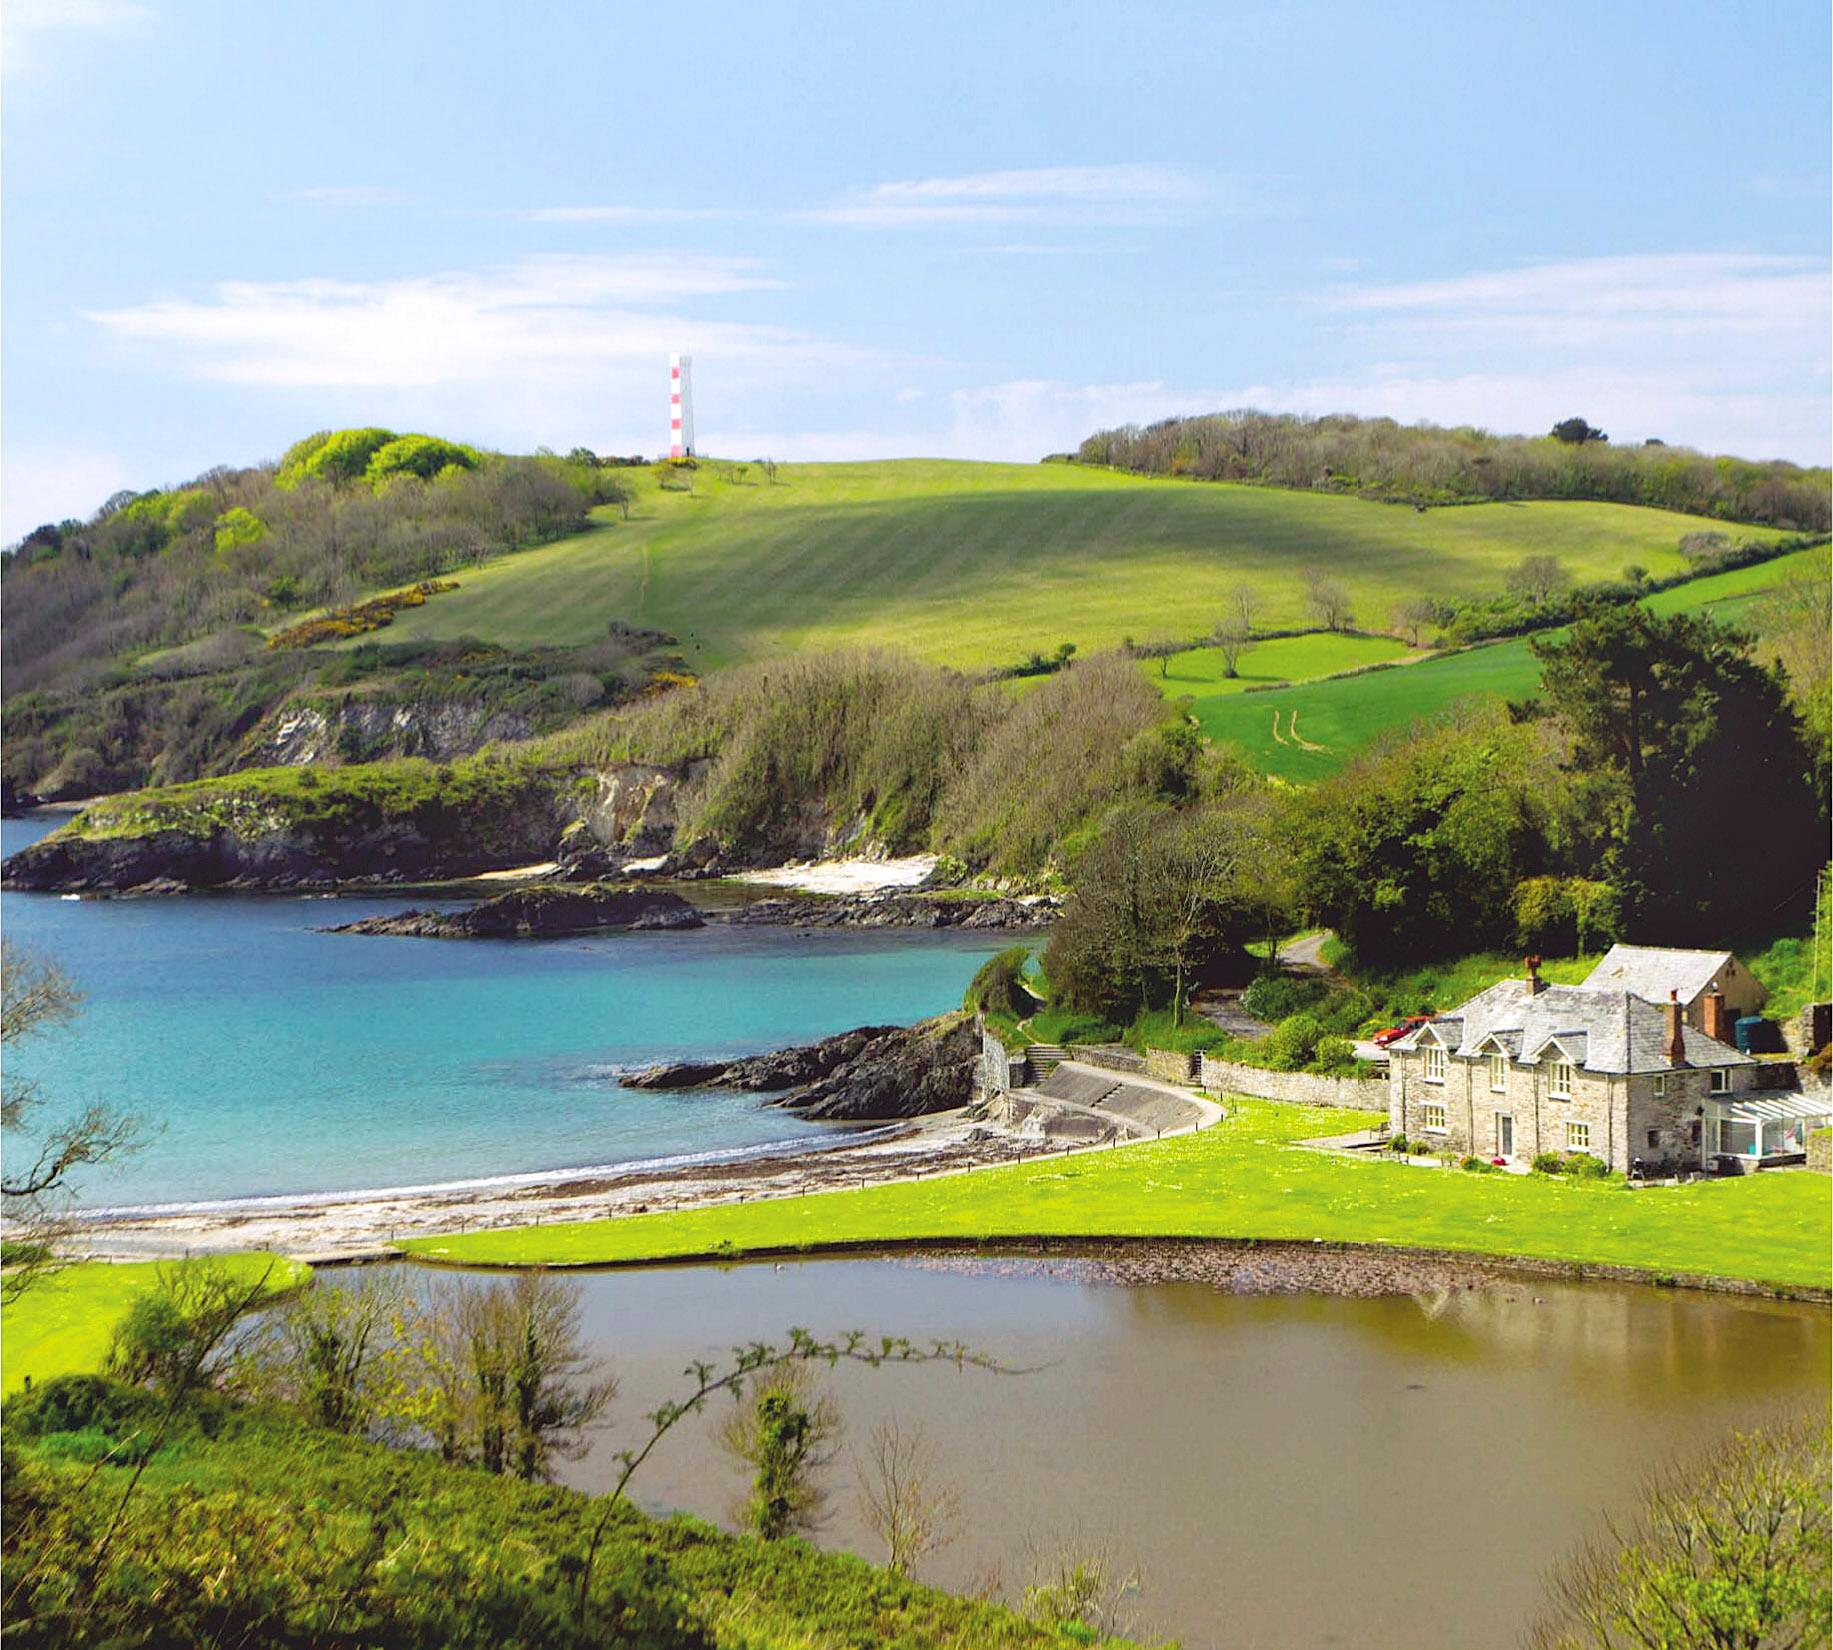 Menabilly, Polridmouth Bay, Fowey, Cornwall by Morley Read.jpg